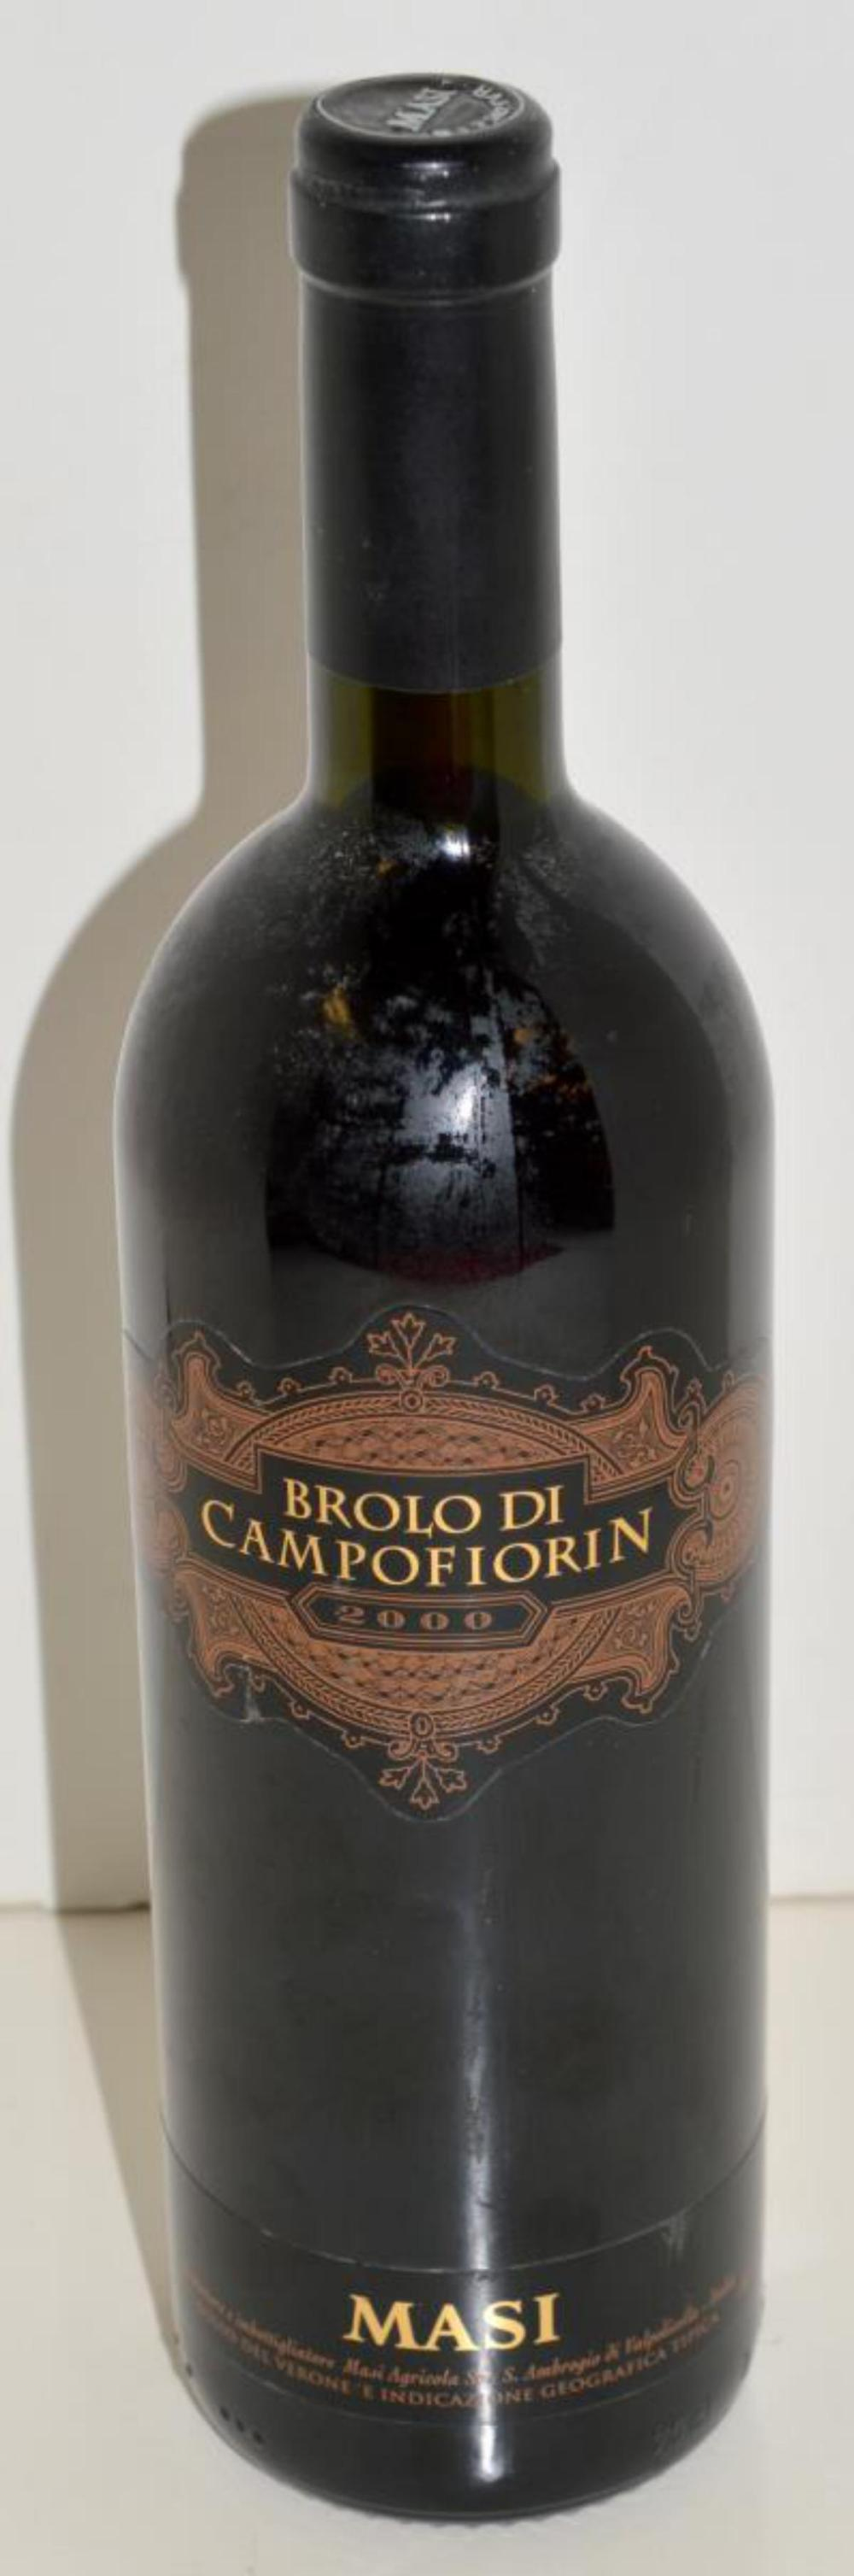 Brolo Di Campofiorin 2000 Masi Wine from Italy